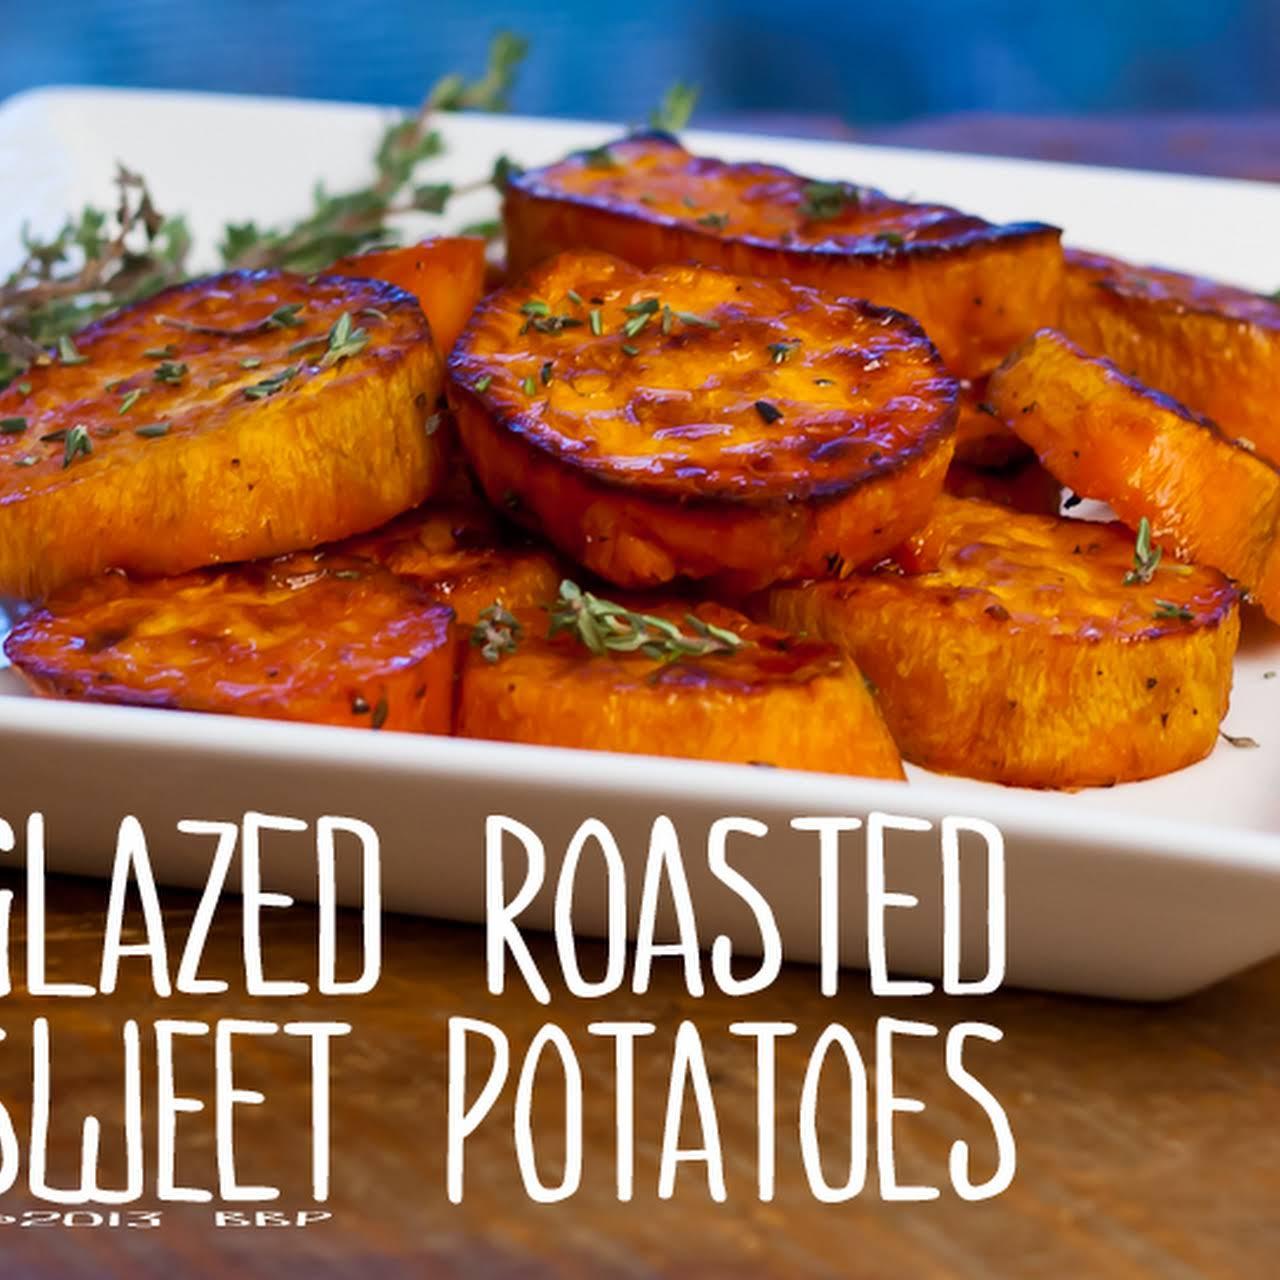 Glazed Roasted Sweet Potatoes